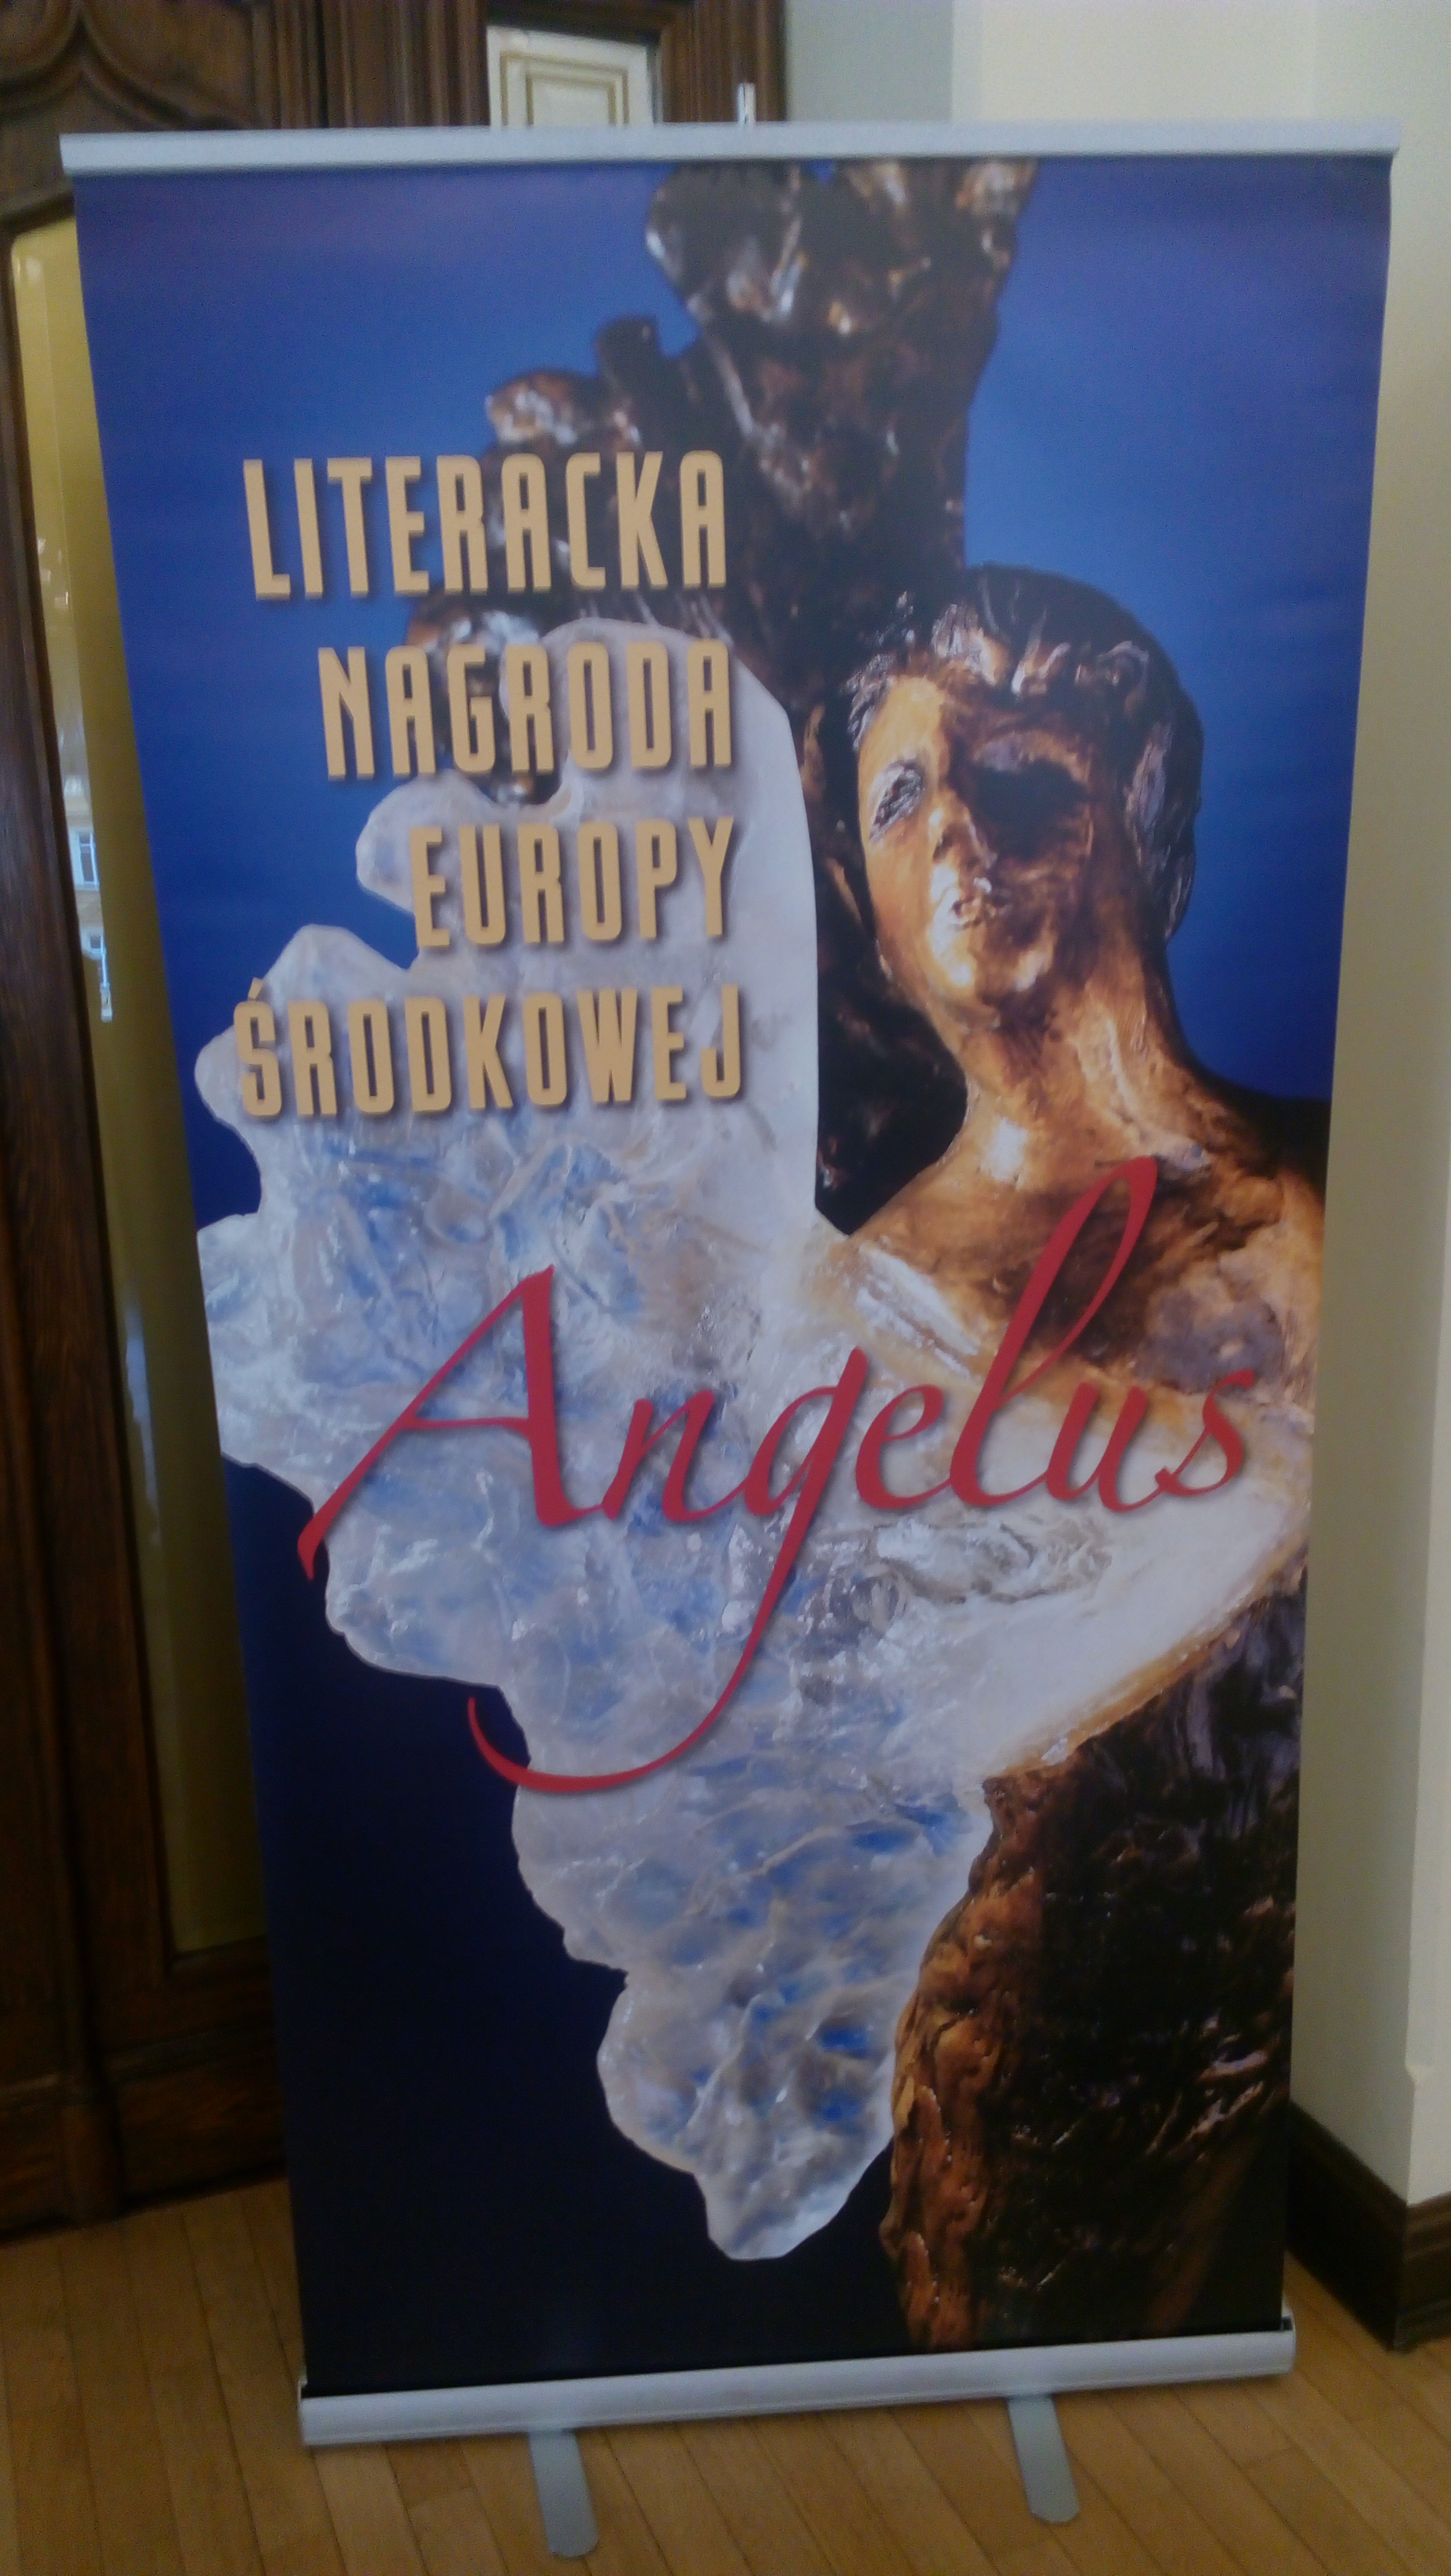 У Вроцлаві оголошено претендентів на здобуття літературної нагороди «Ангелус»